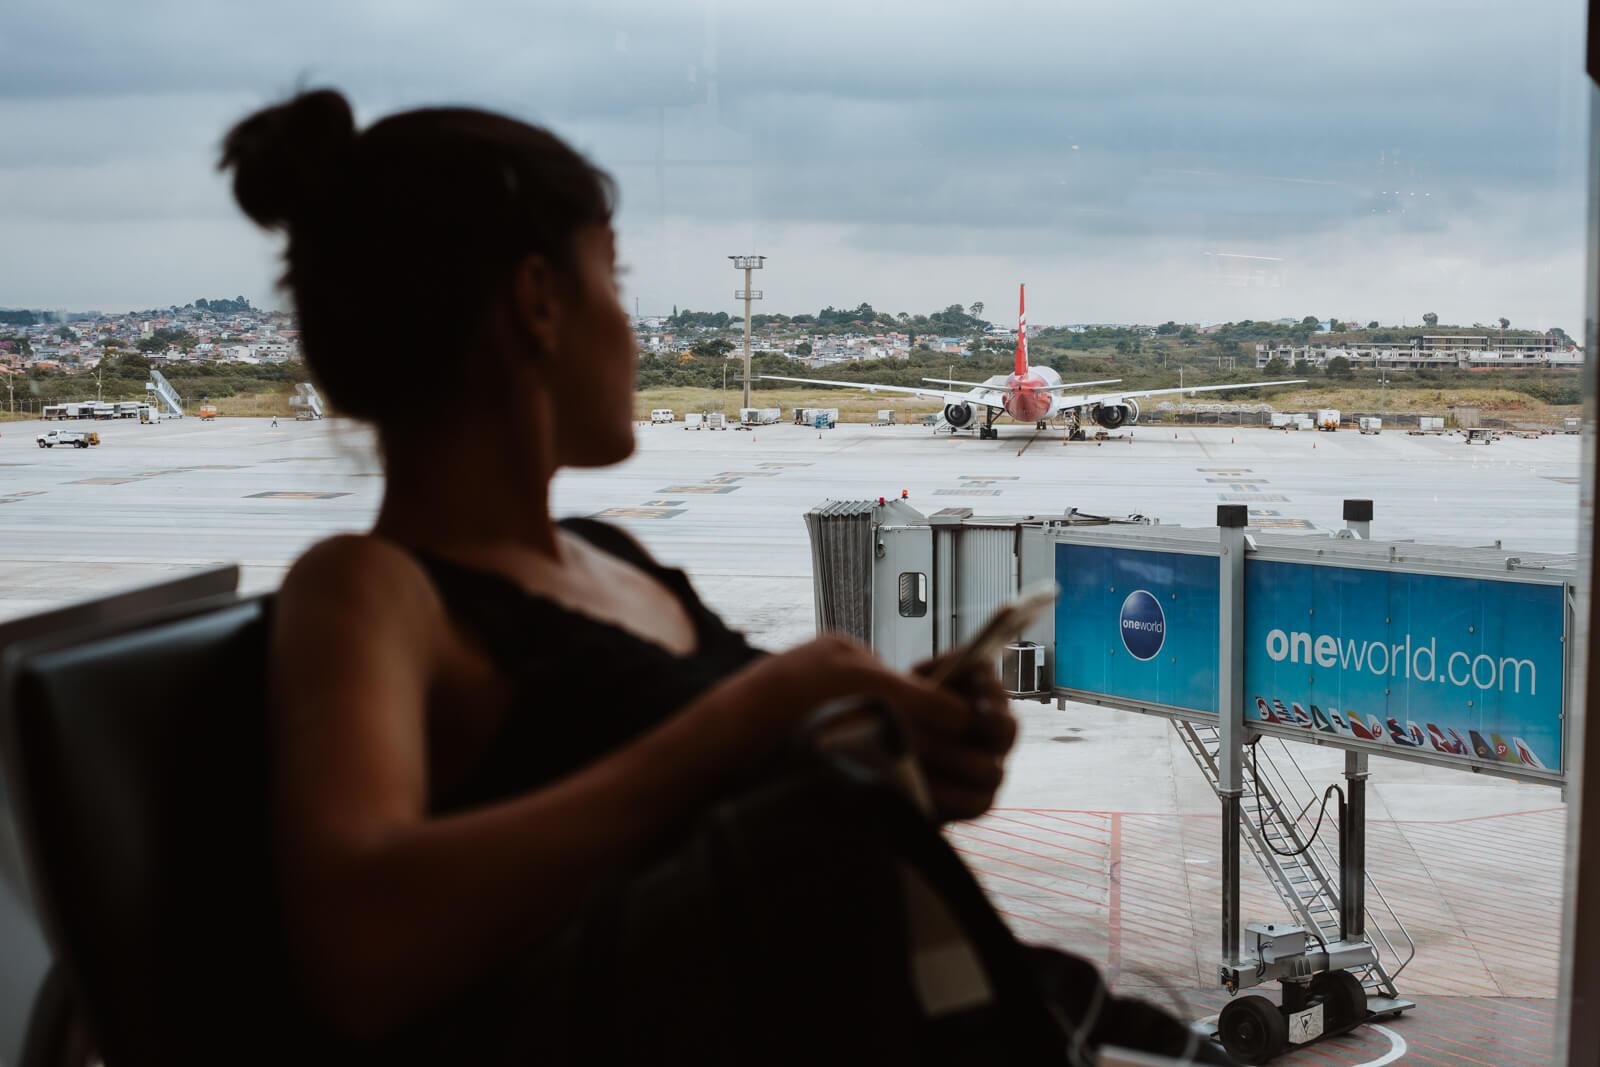 cancelamento de voo, atraso de voo, o que fazer?